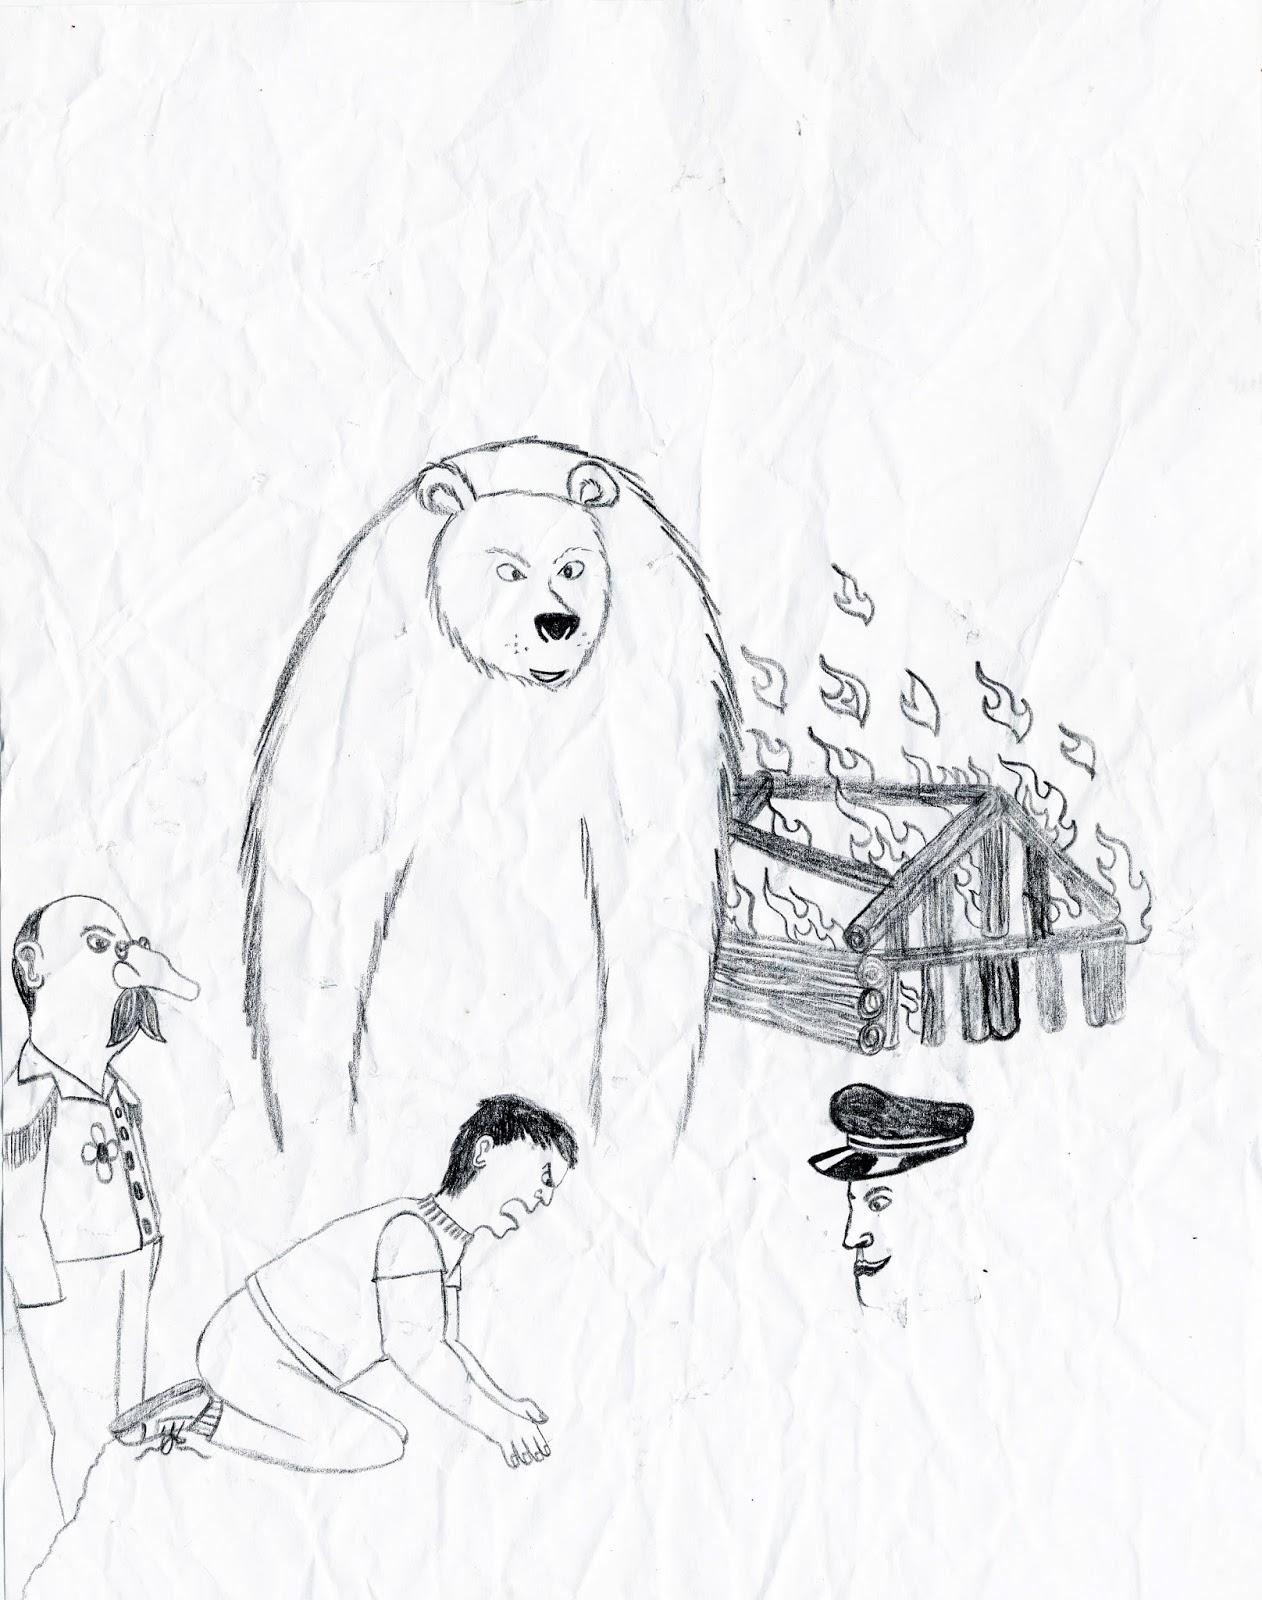 Santiago: Evolution of an artist: Touching Spirit Bear